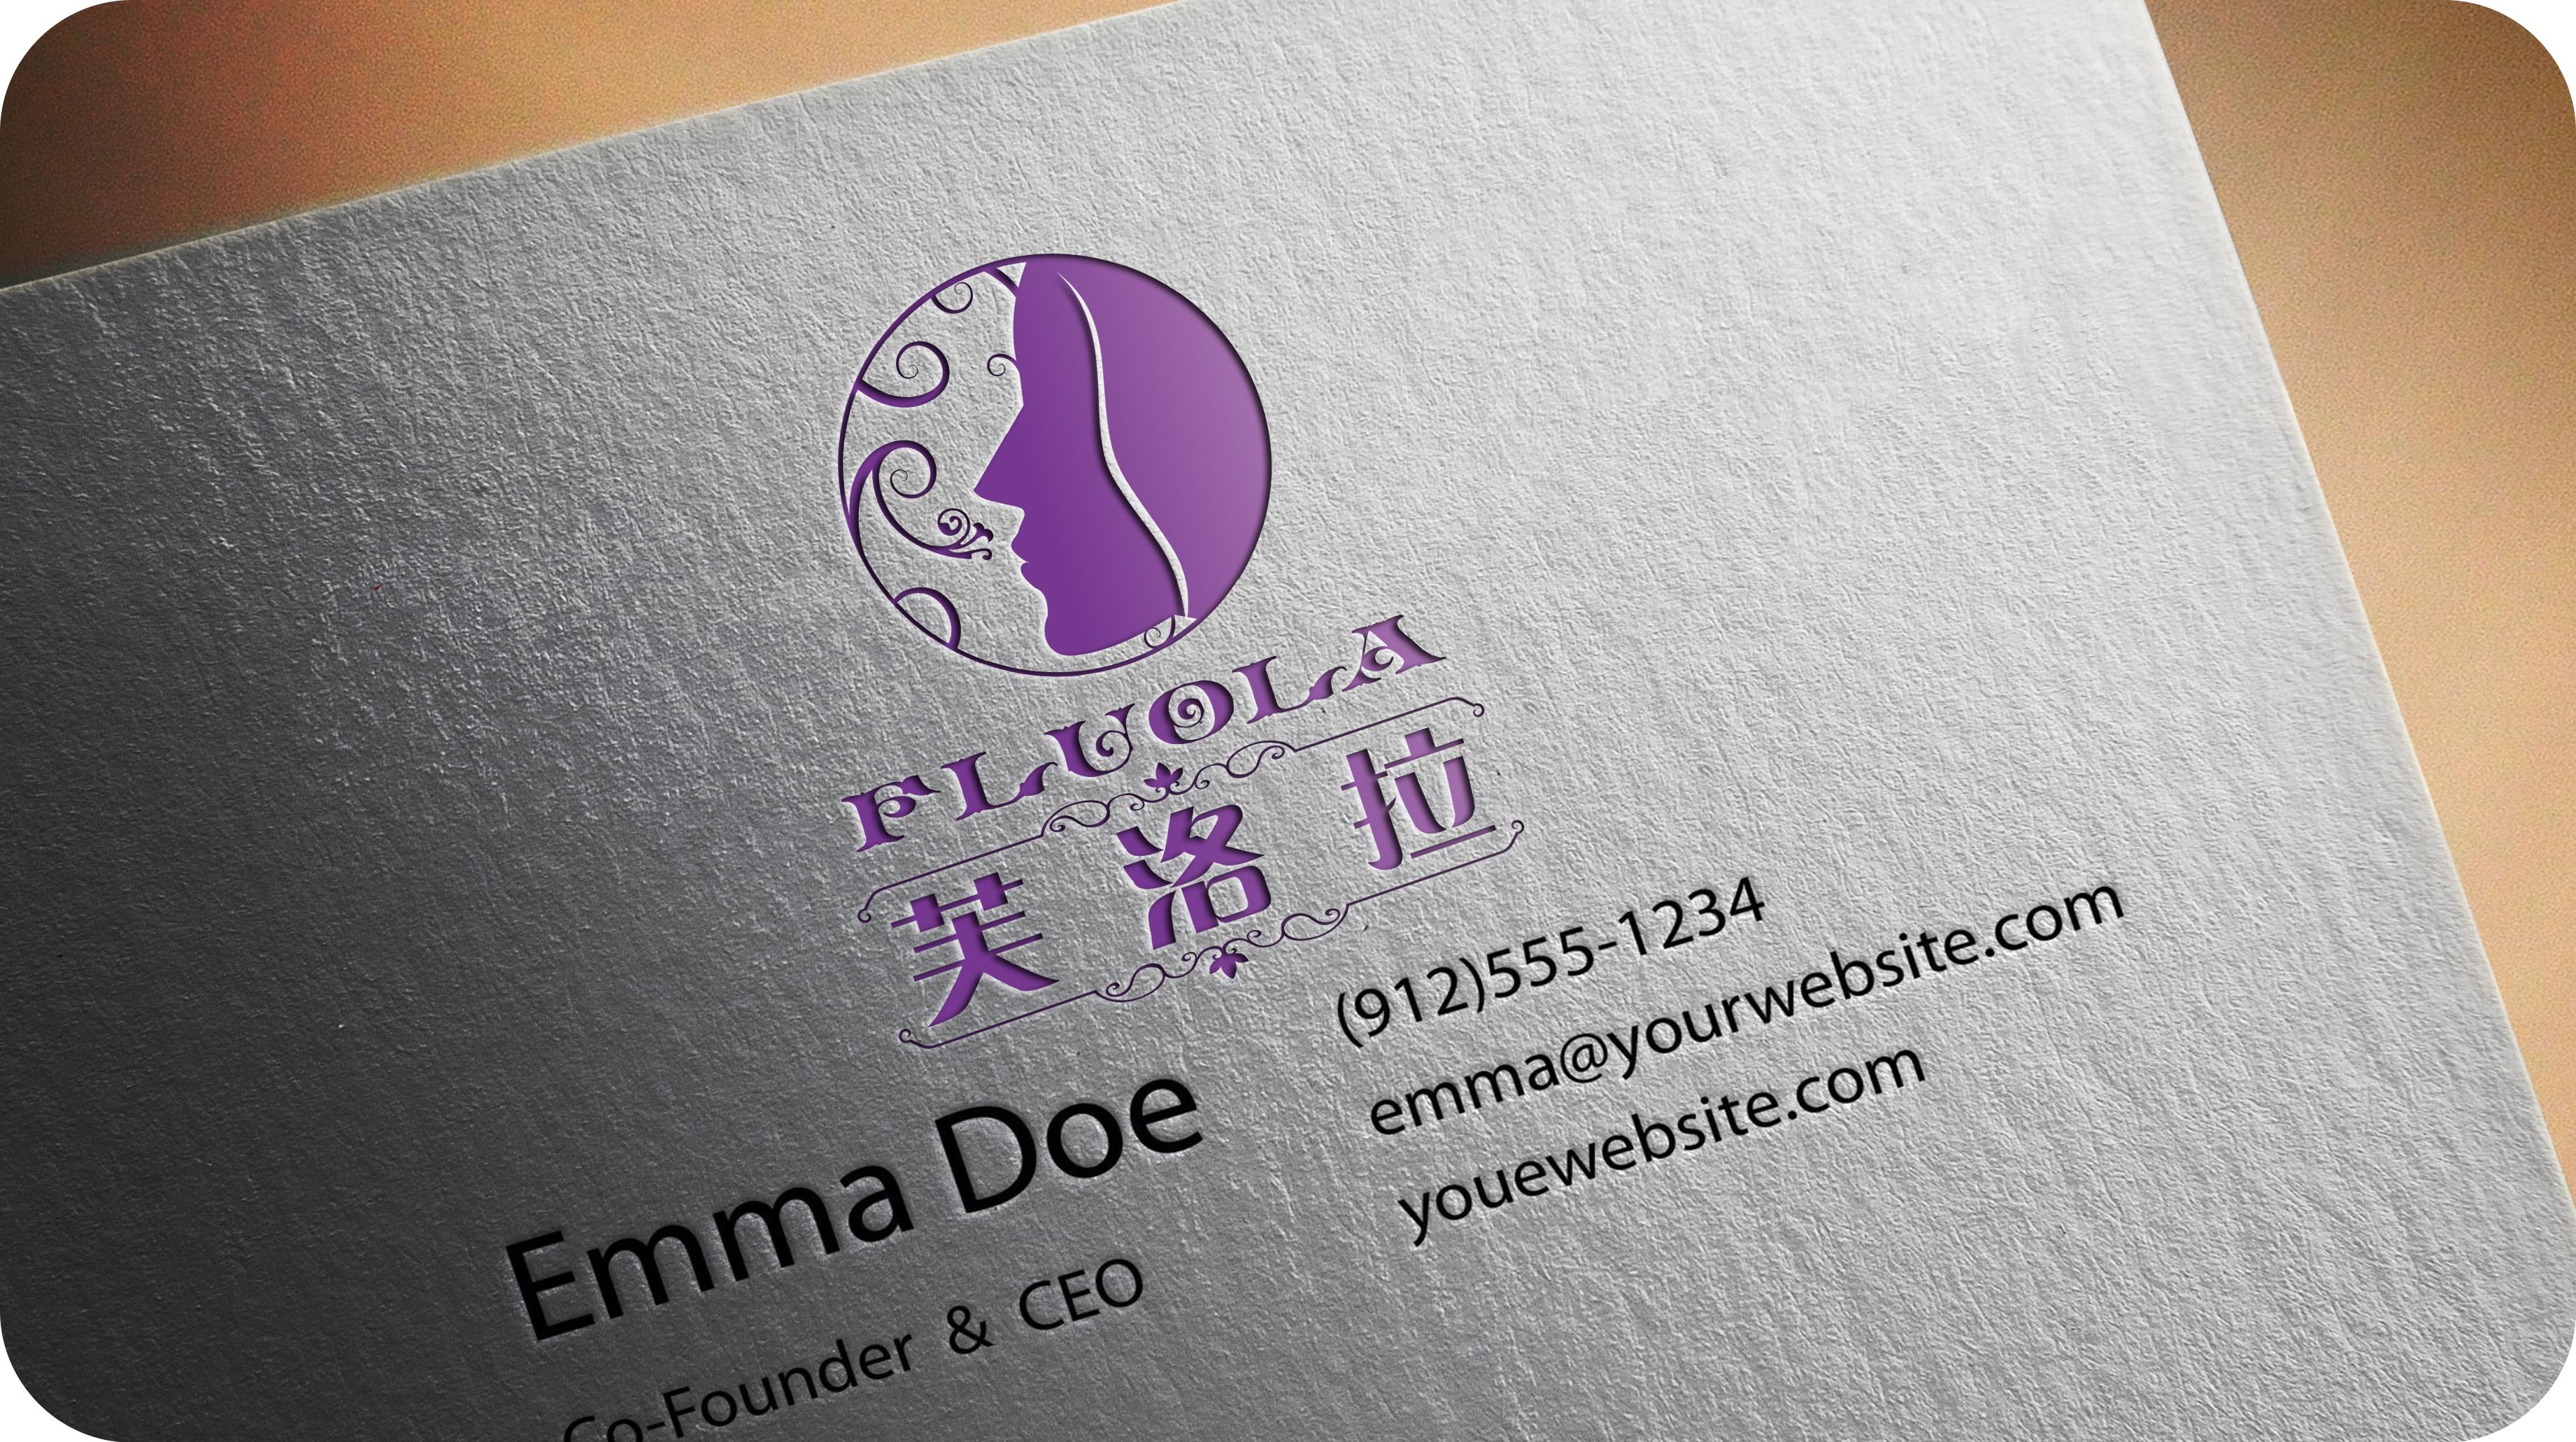 高端花店logo设计,欢迎设计师提出想法于建议